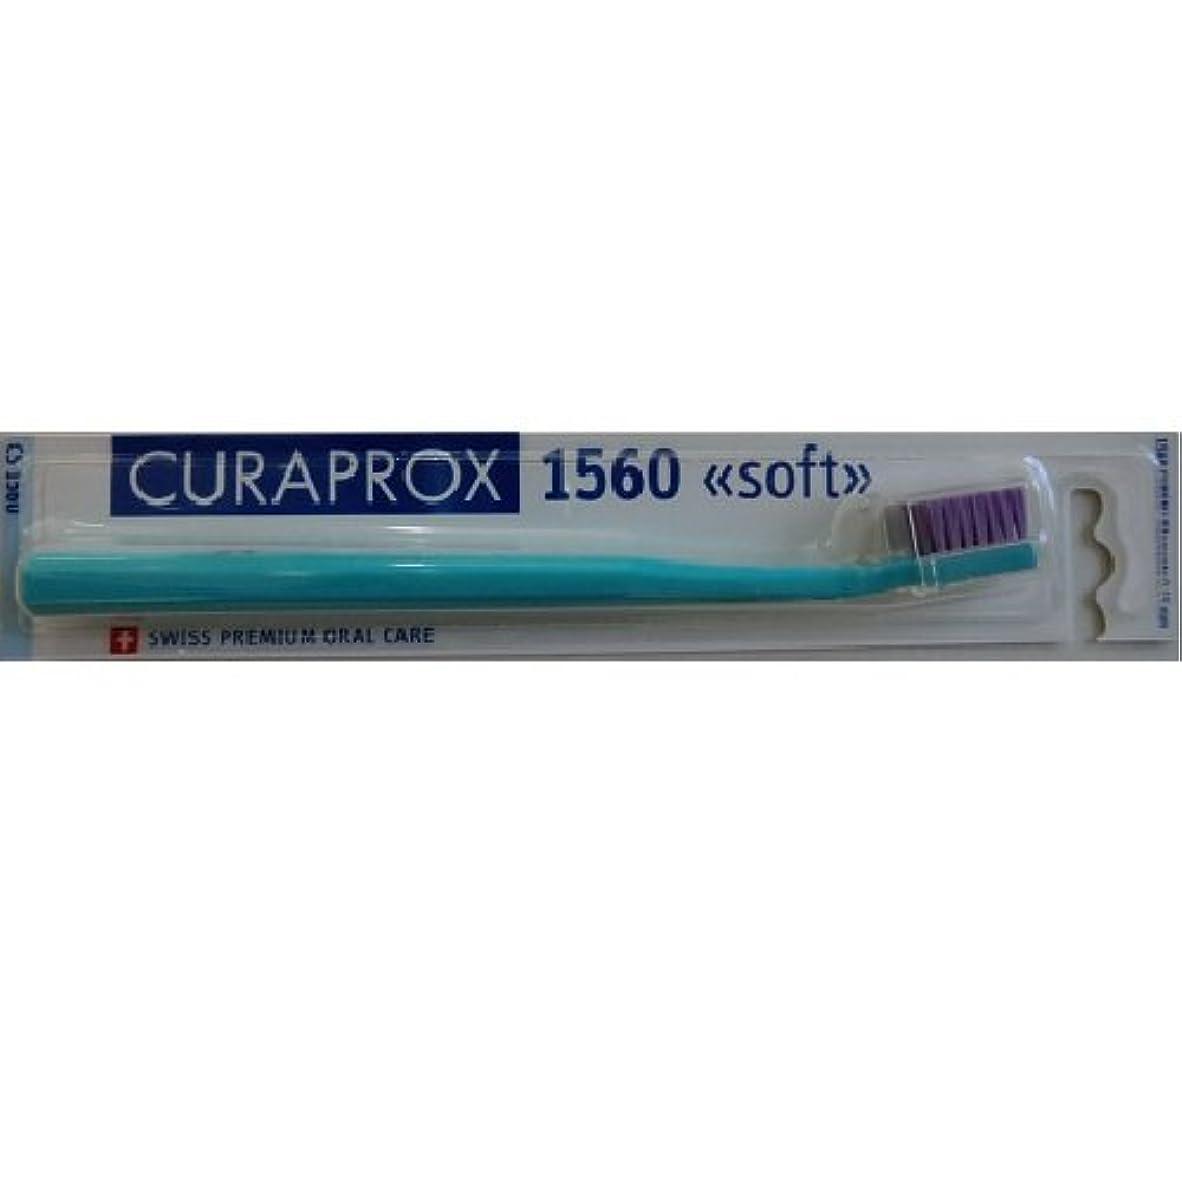 香水醸造所貞キュラプロックス1560?ソフト歯ブラシ